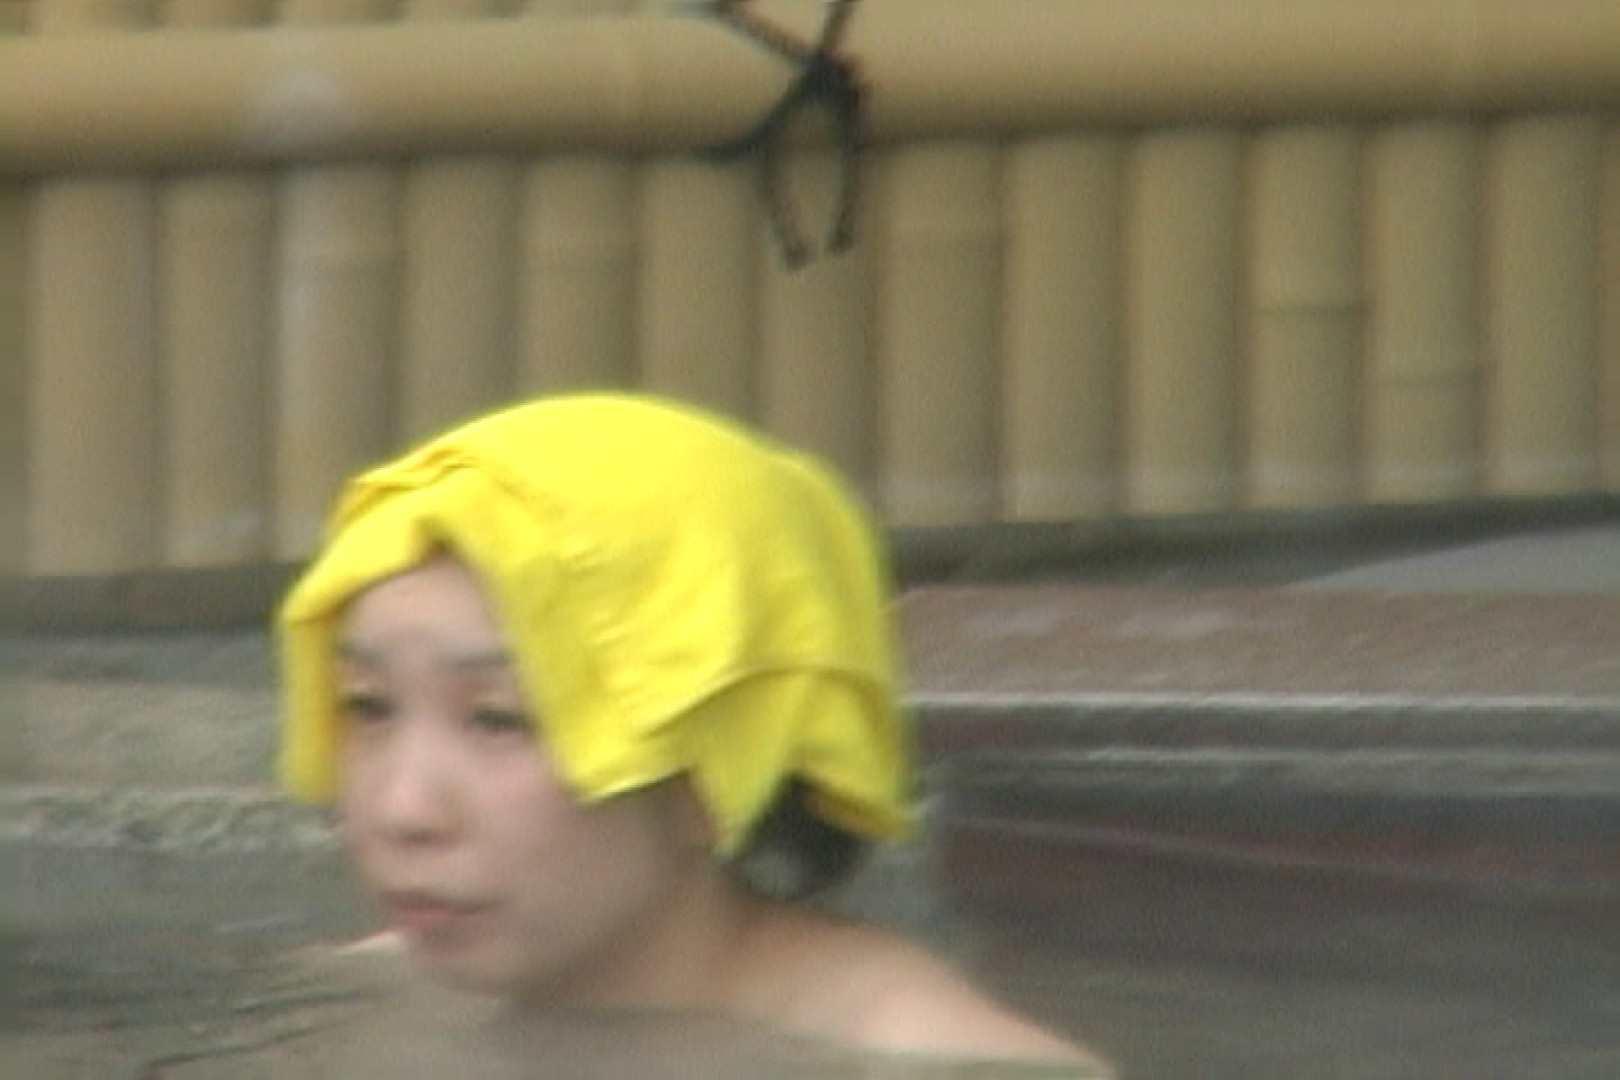 Aquaな露天風呂Vol.542 OLエロ画像   露天  31PICs 25